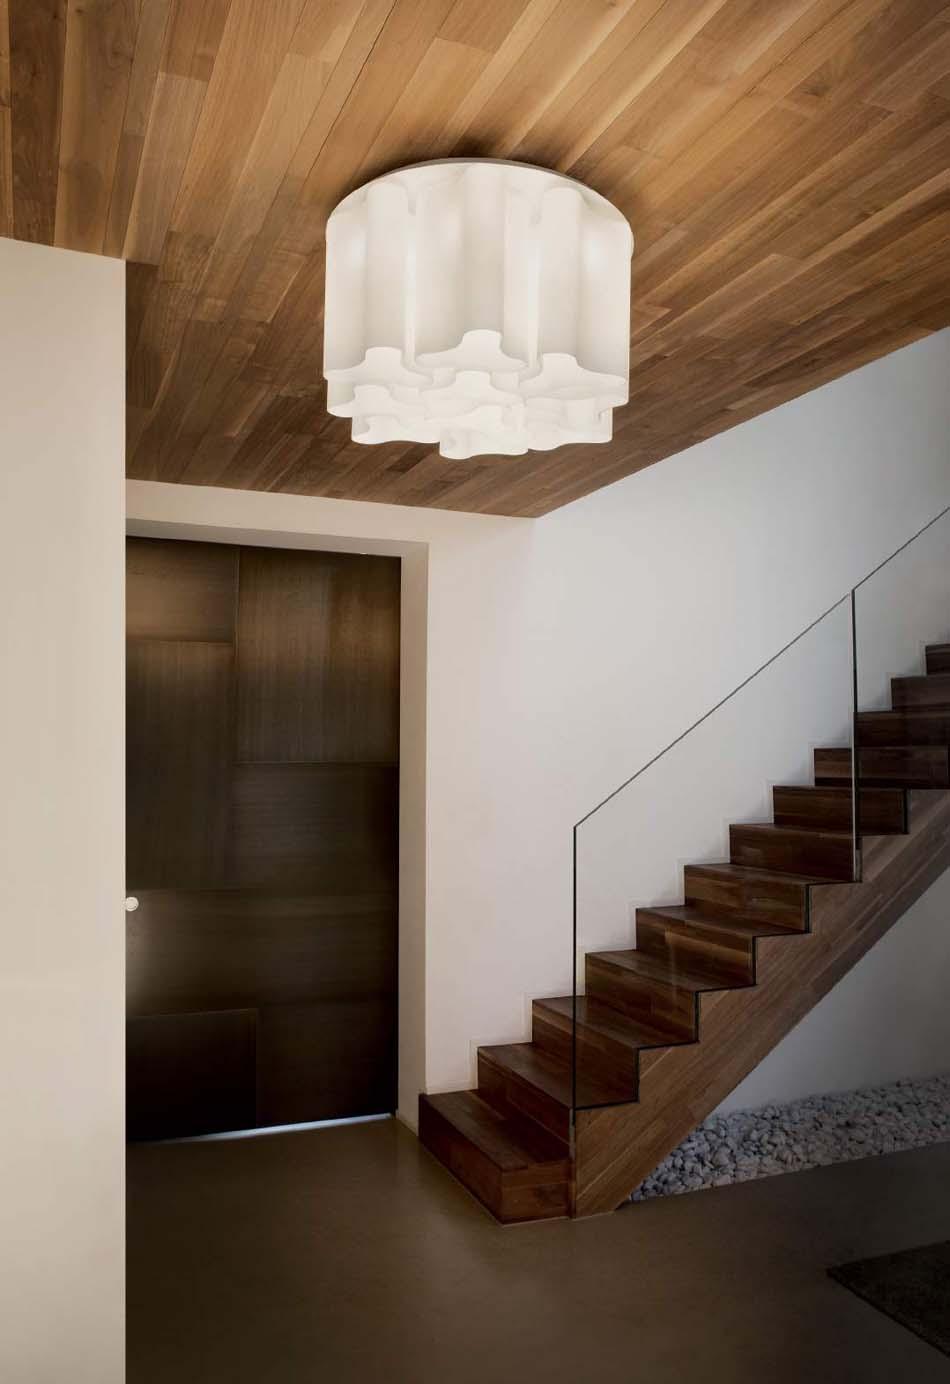 Lampade 25 parete soffitto Ideal Lux Compo – Bruni Arredamenti